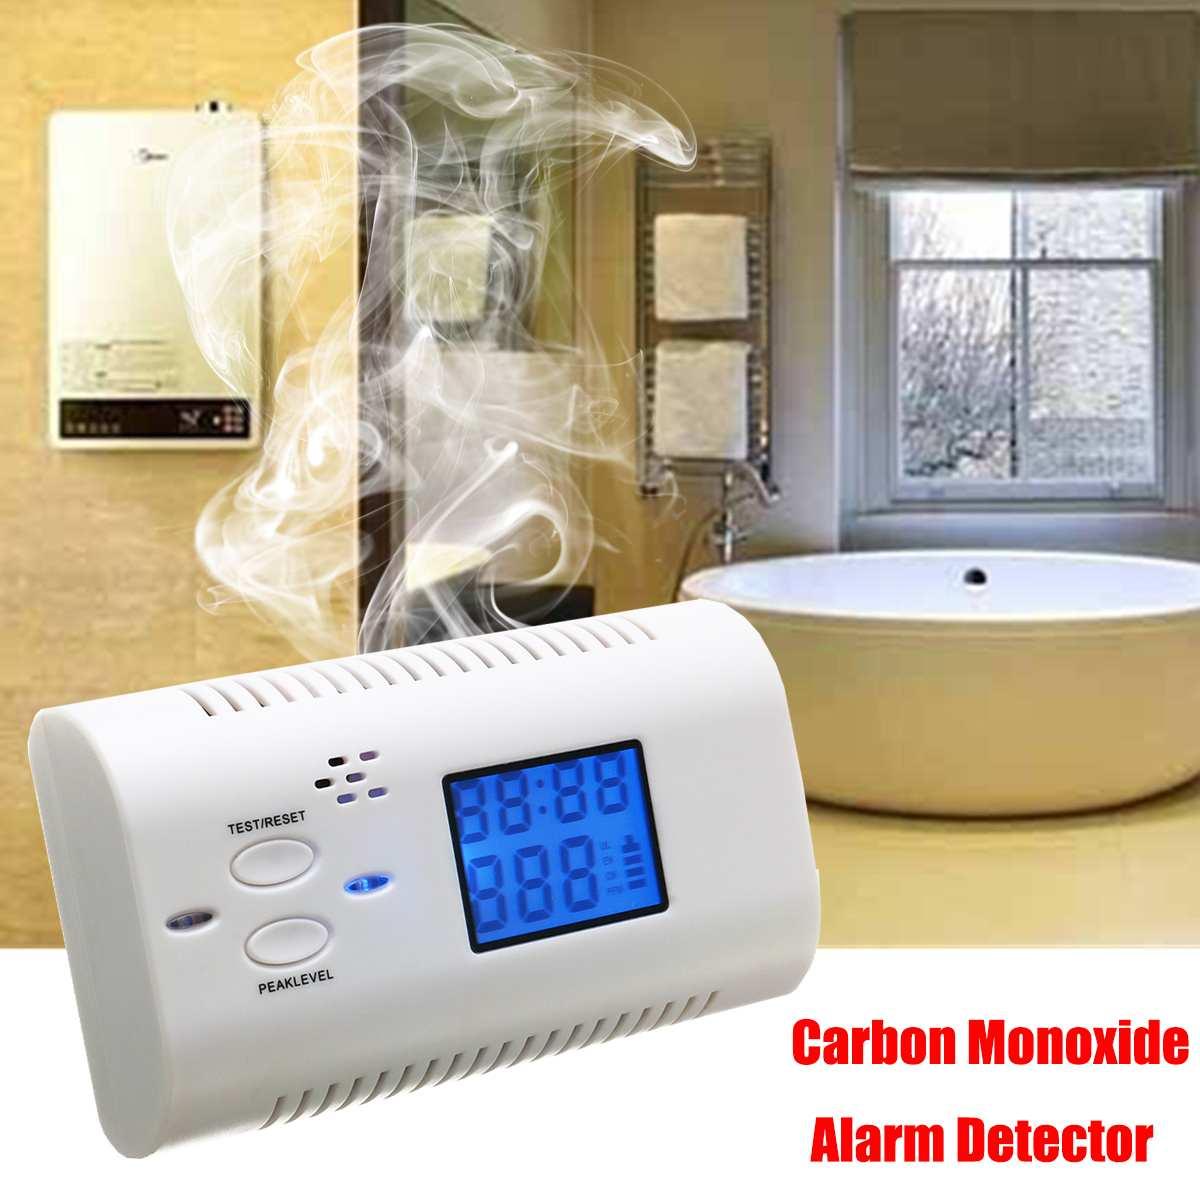 Alarme de segurança voz detector monóxido carbono display lcd envenenamento sensor alarme gás co detector 9v bateria para cozinha casa